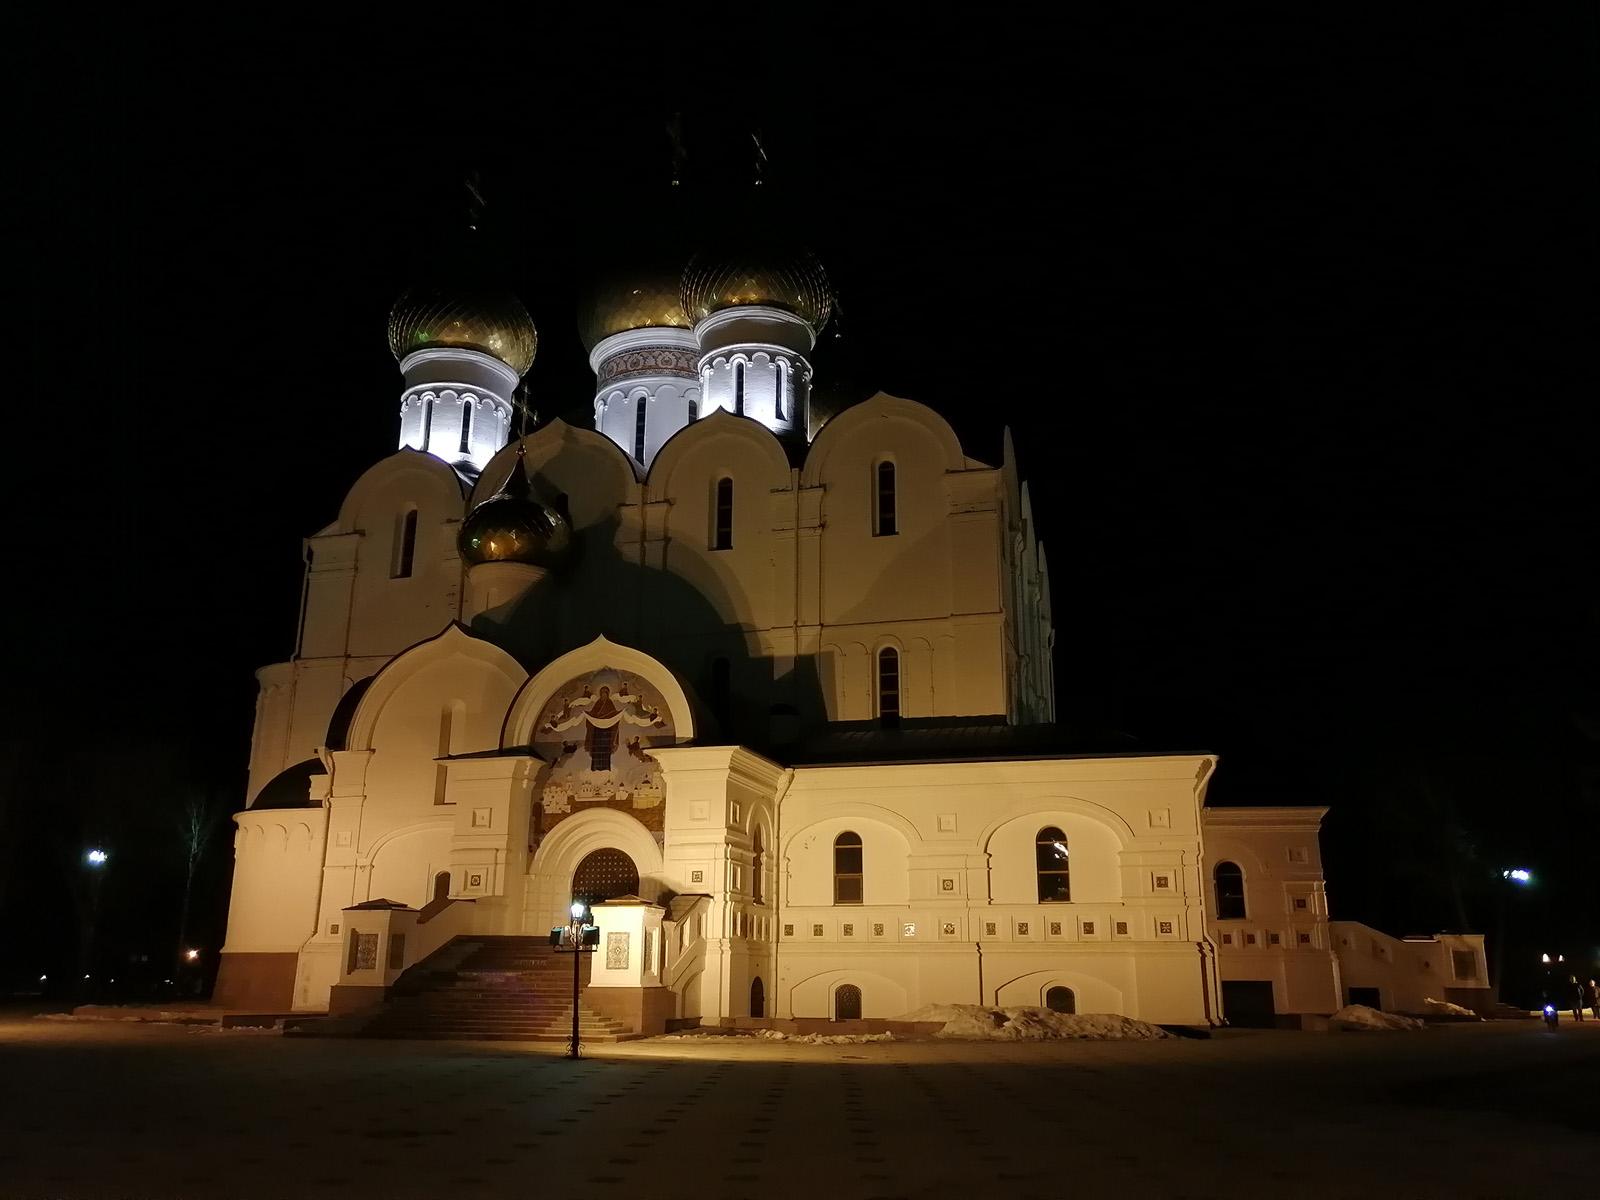 Пример фотографии, сделанной ночью на Honor 10i